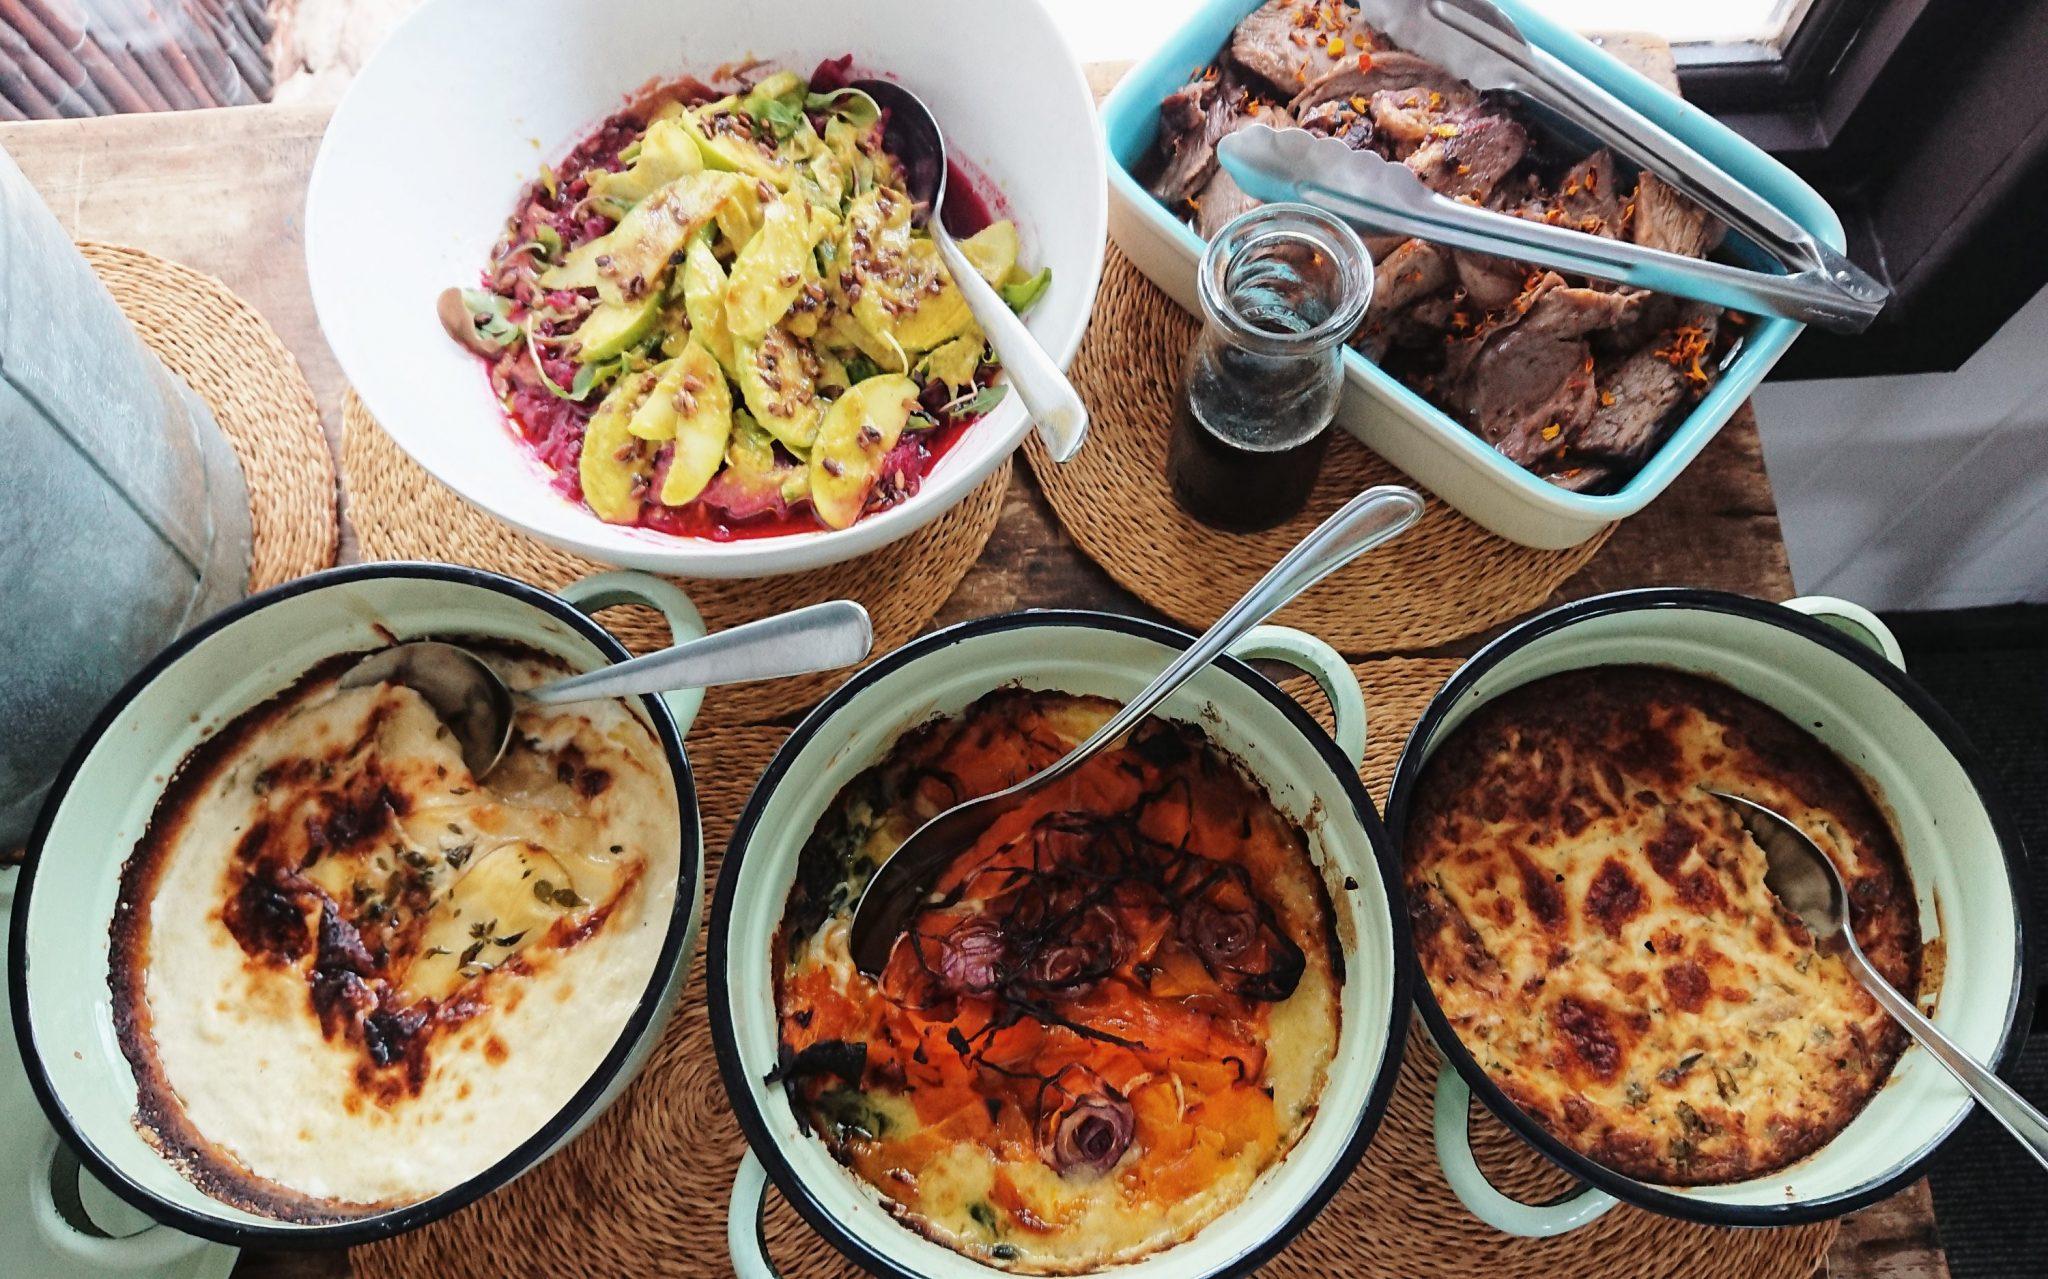 Lunch Bartholomeus Klip Sonia Cabano blog eatdrinkcapetown